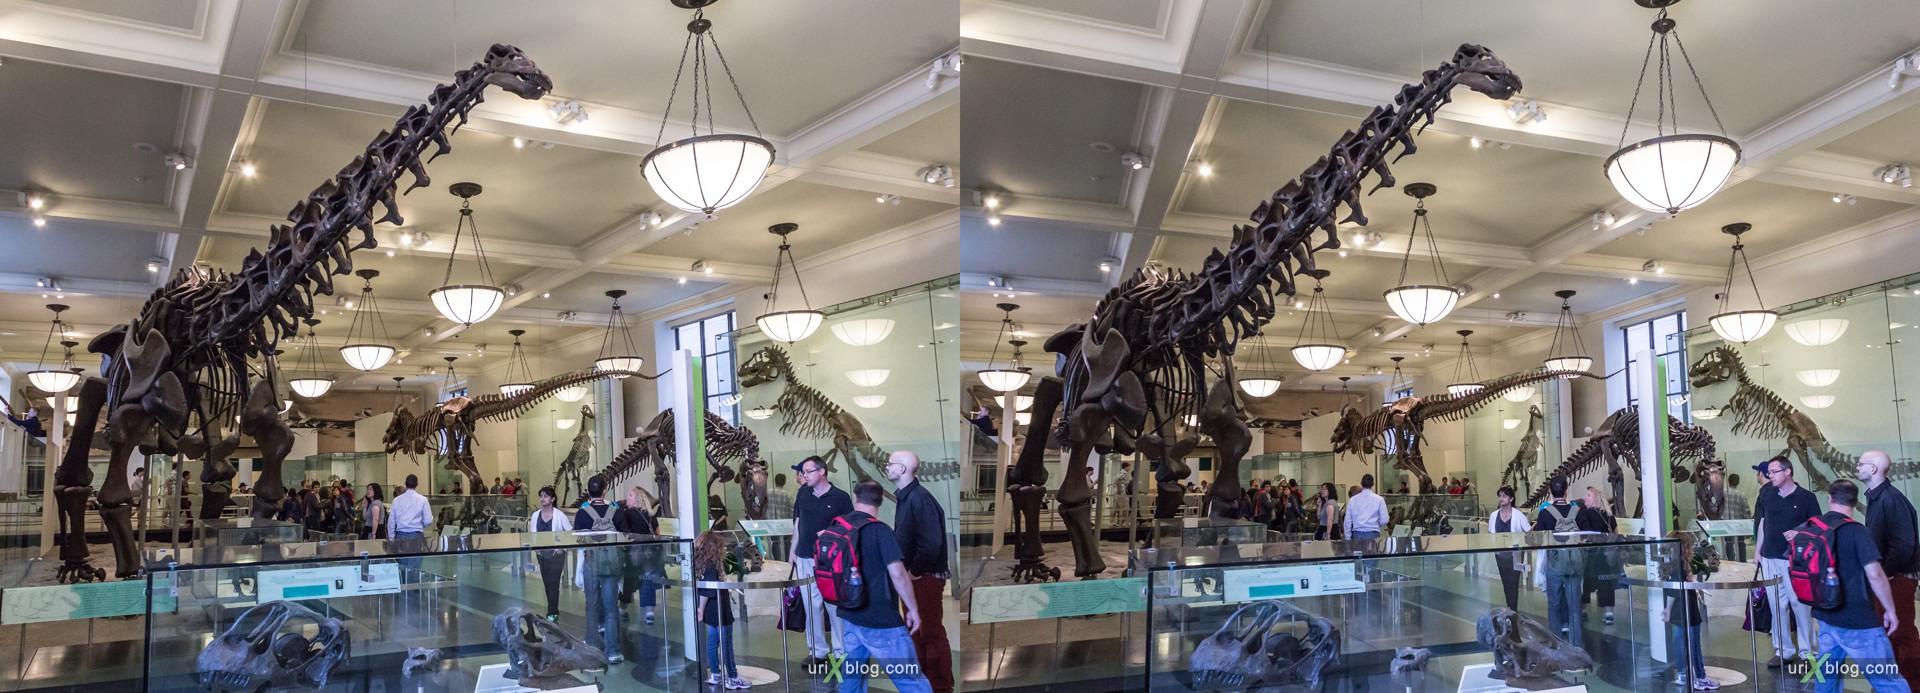 2013, Американский Музей Естественной Истории, Нью-Йорк, США, Скелет, Донозавр, животное, чучело, 3D, перекрёстные стереопары, стерео, стереопара, стереопары